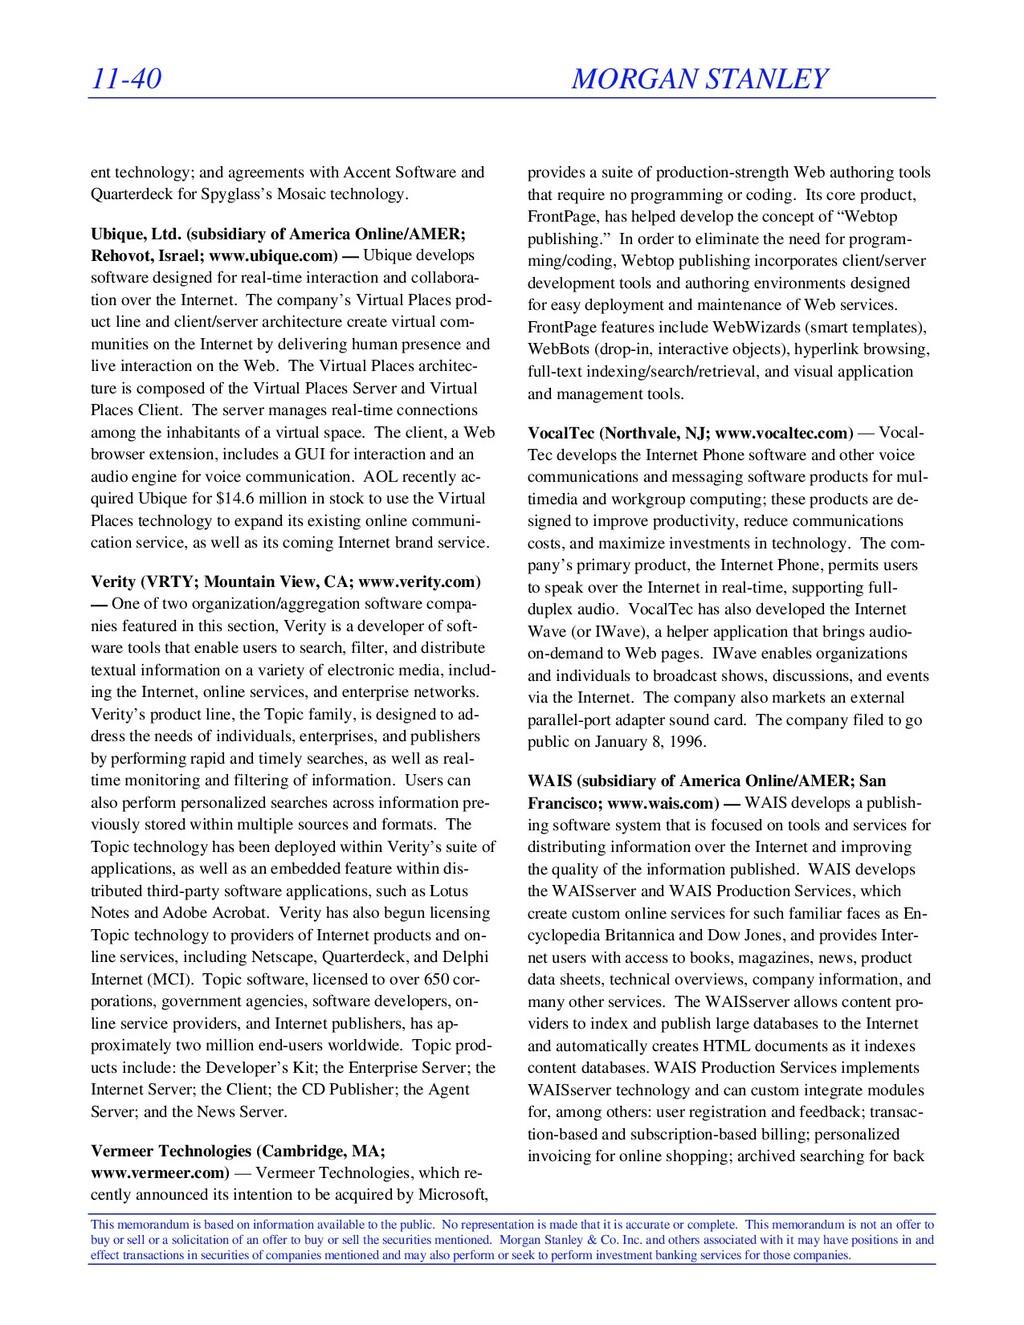 11-40 MORGAN STANLEY This memorandum is based o...